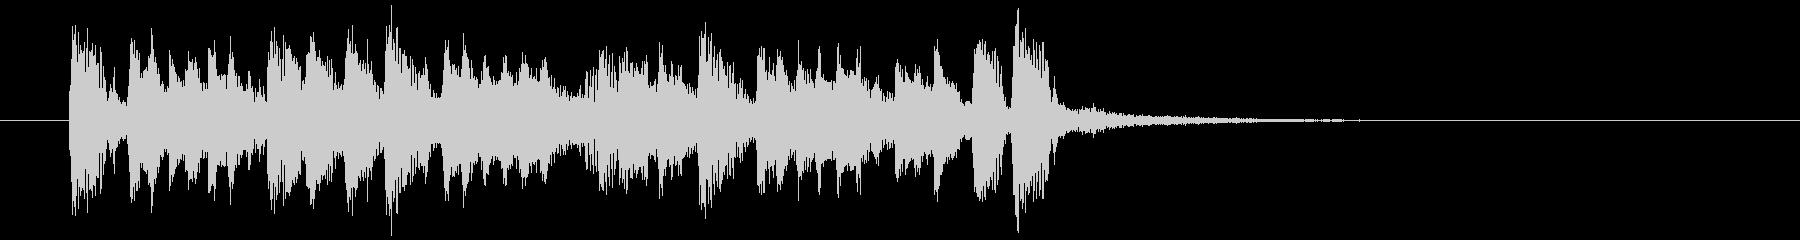 情熱的でリズミカルなシンセサウンドの未再生の波形